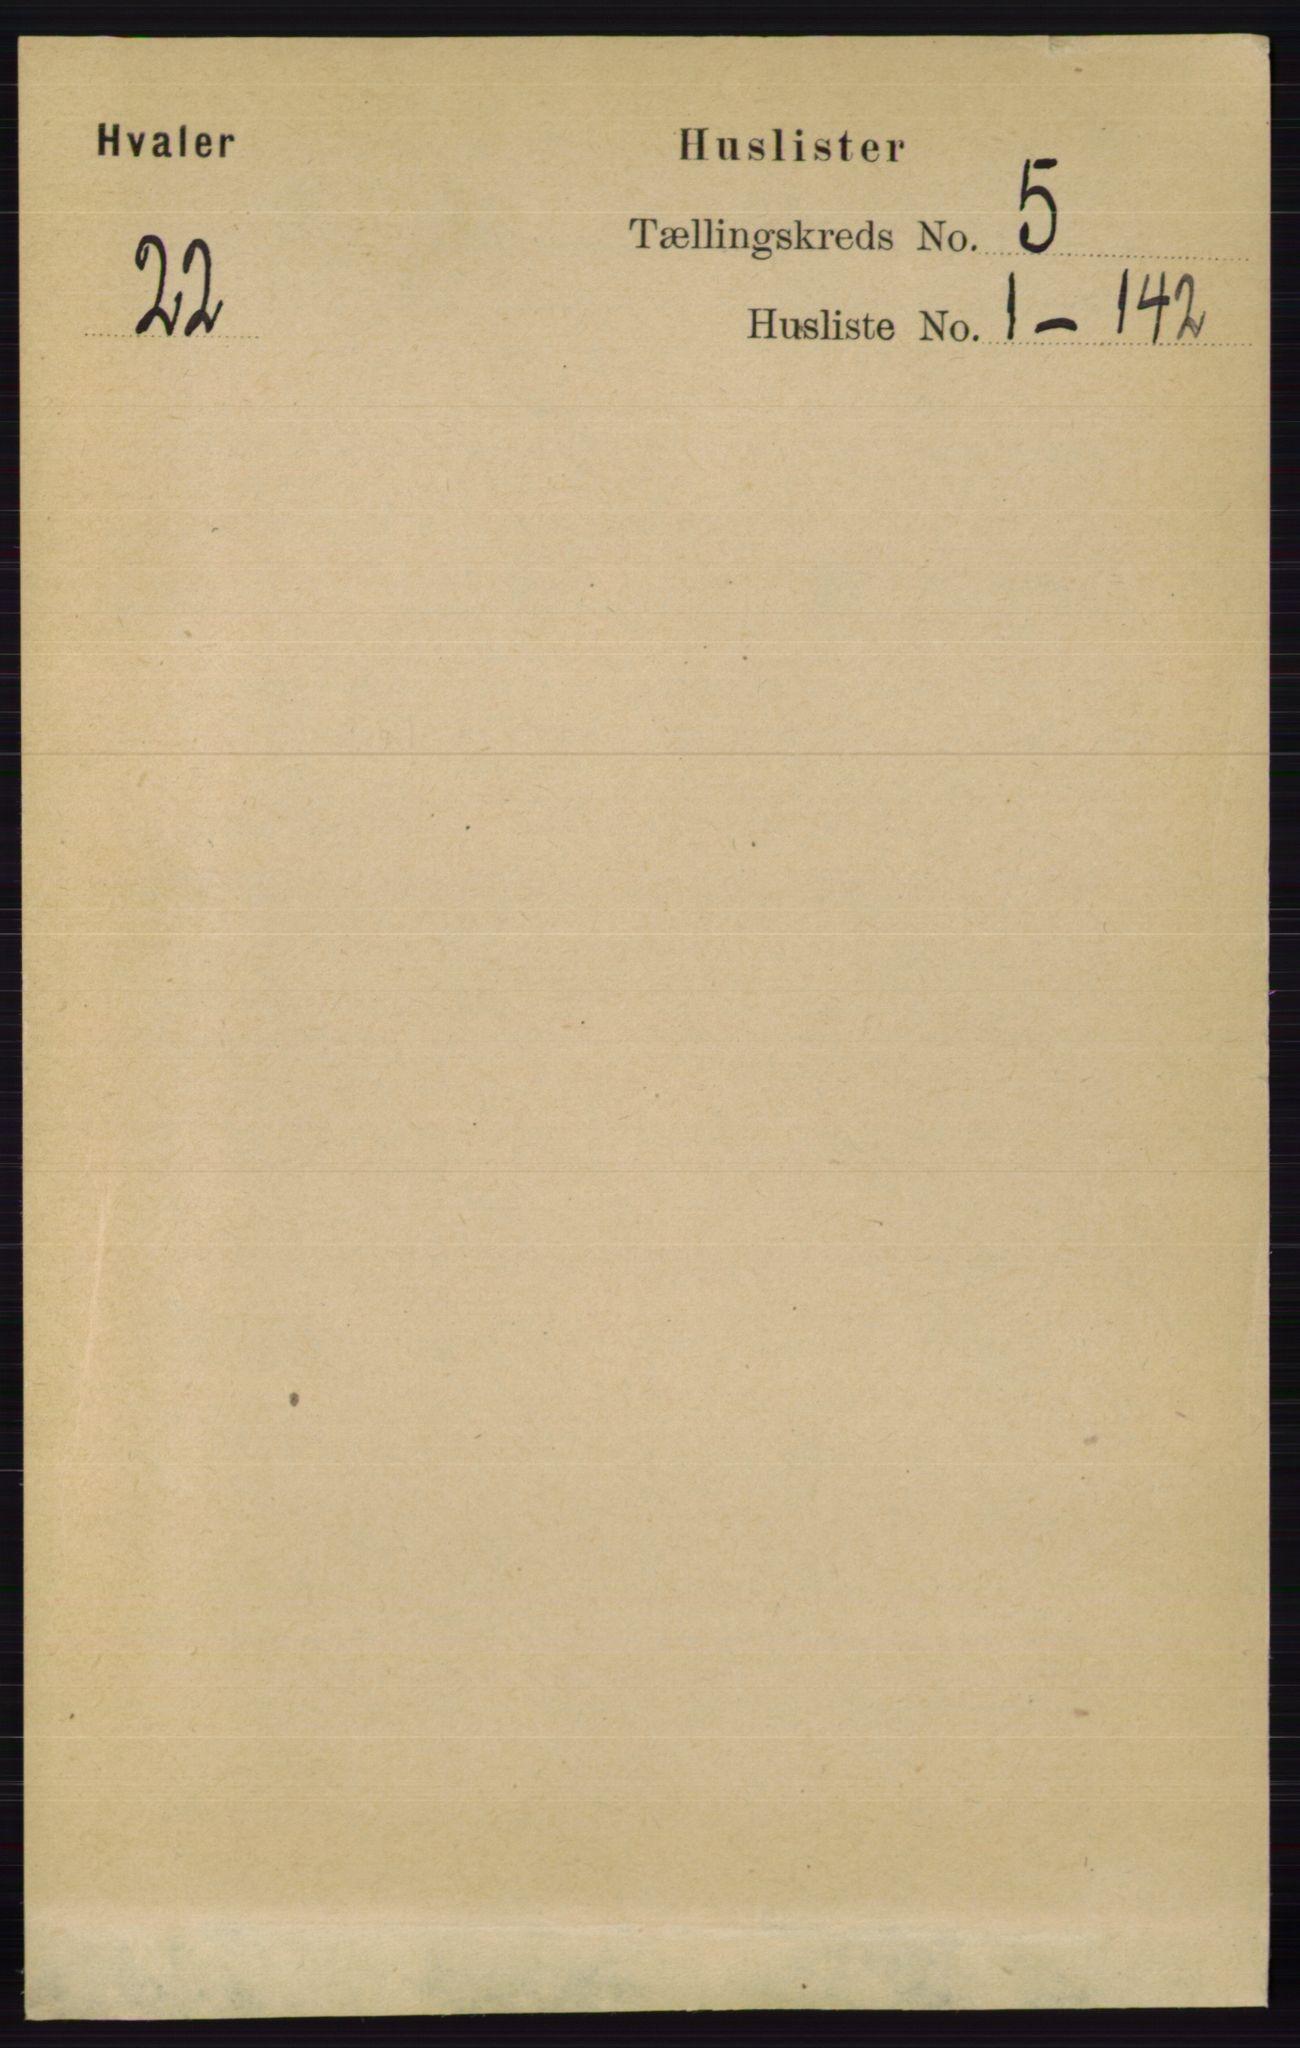 RA, Folketelling 1891 for 0111 Hvaler herred, 1891, s. 3039